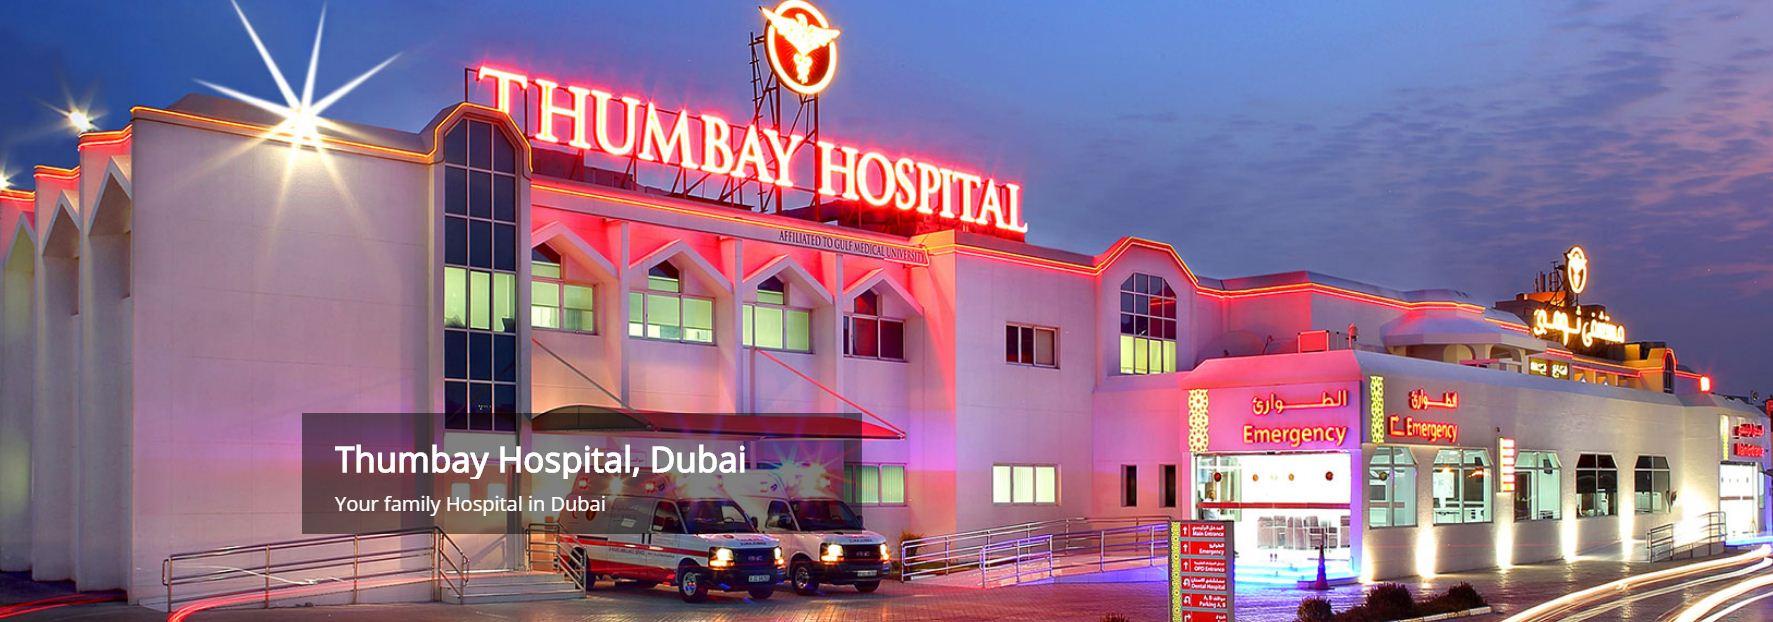 Thumbay Hospital - Dubai in Al qusais